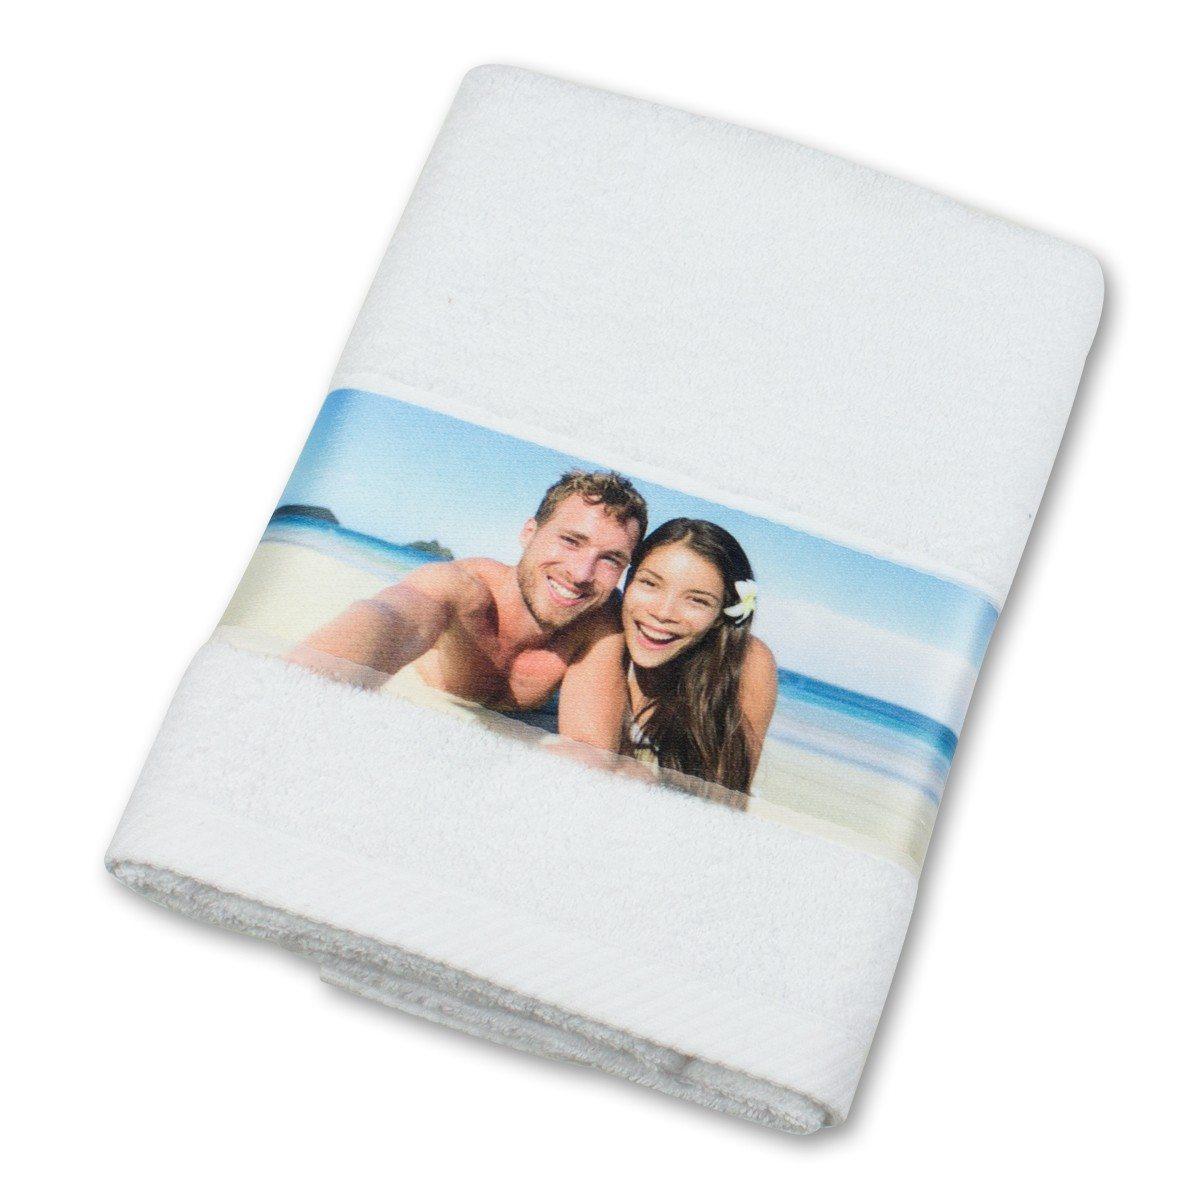 Handtuch mit Fotobordüre - weiß